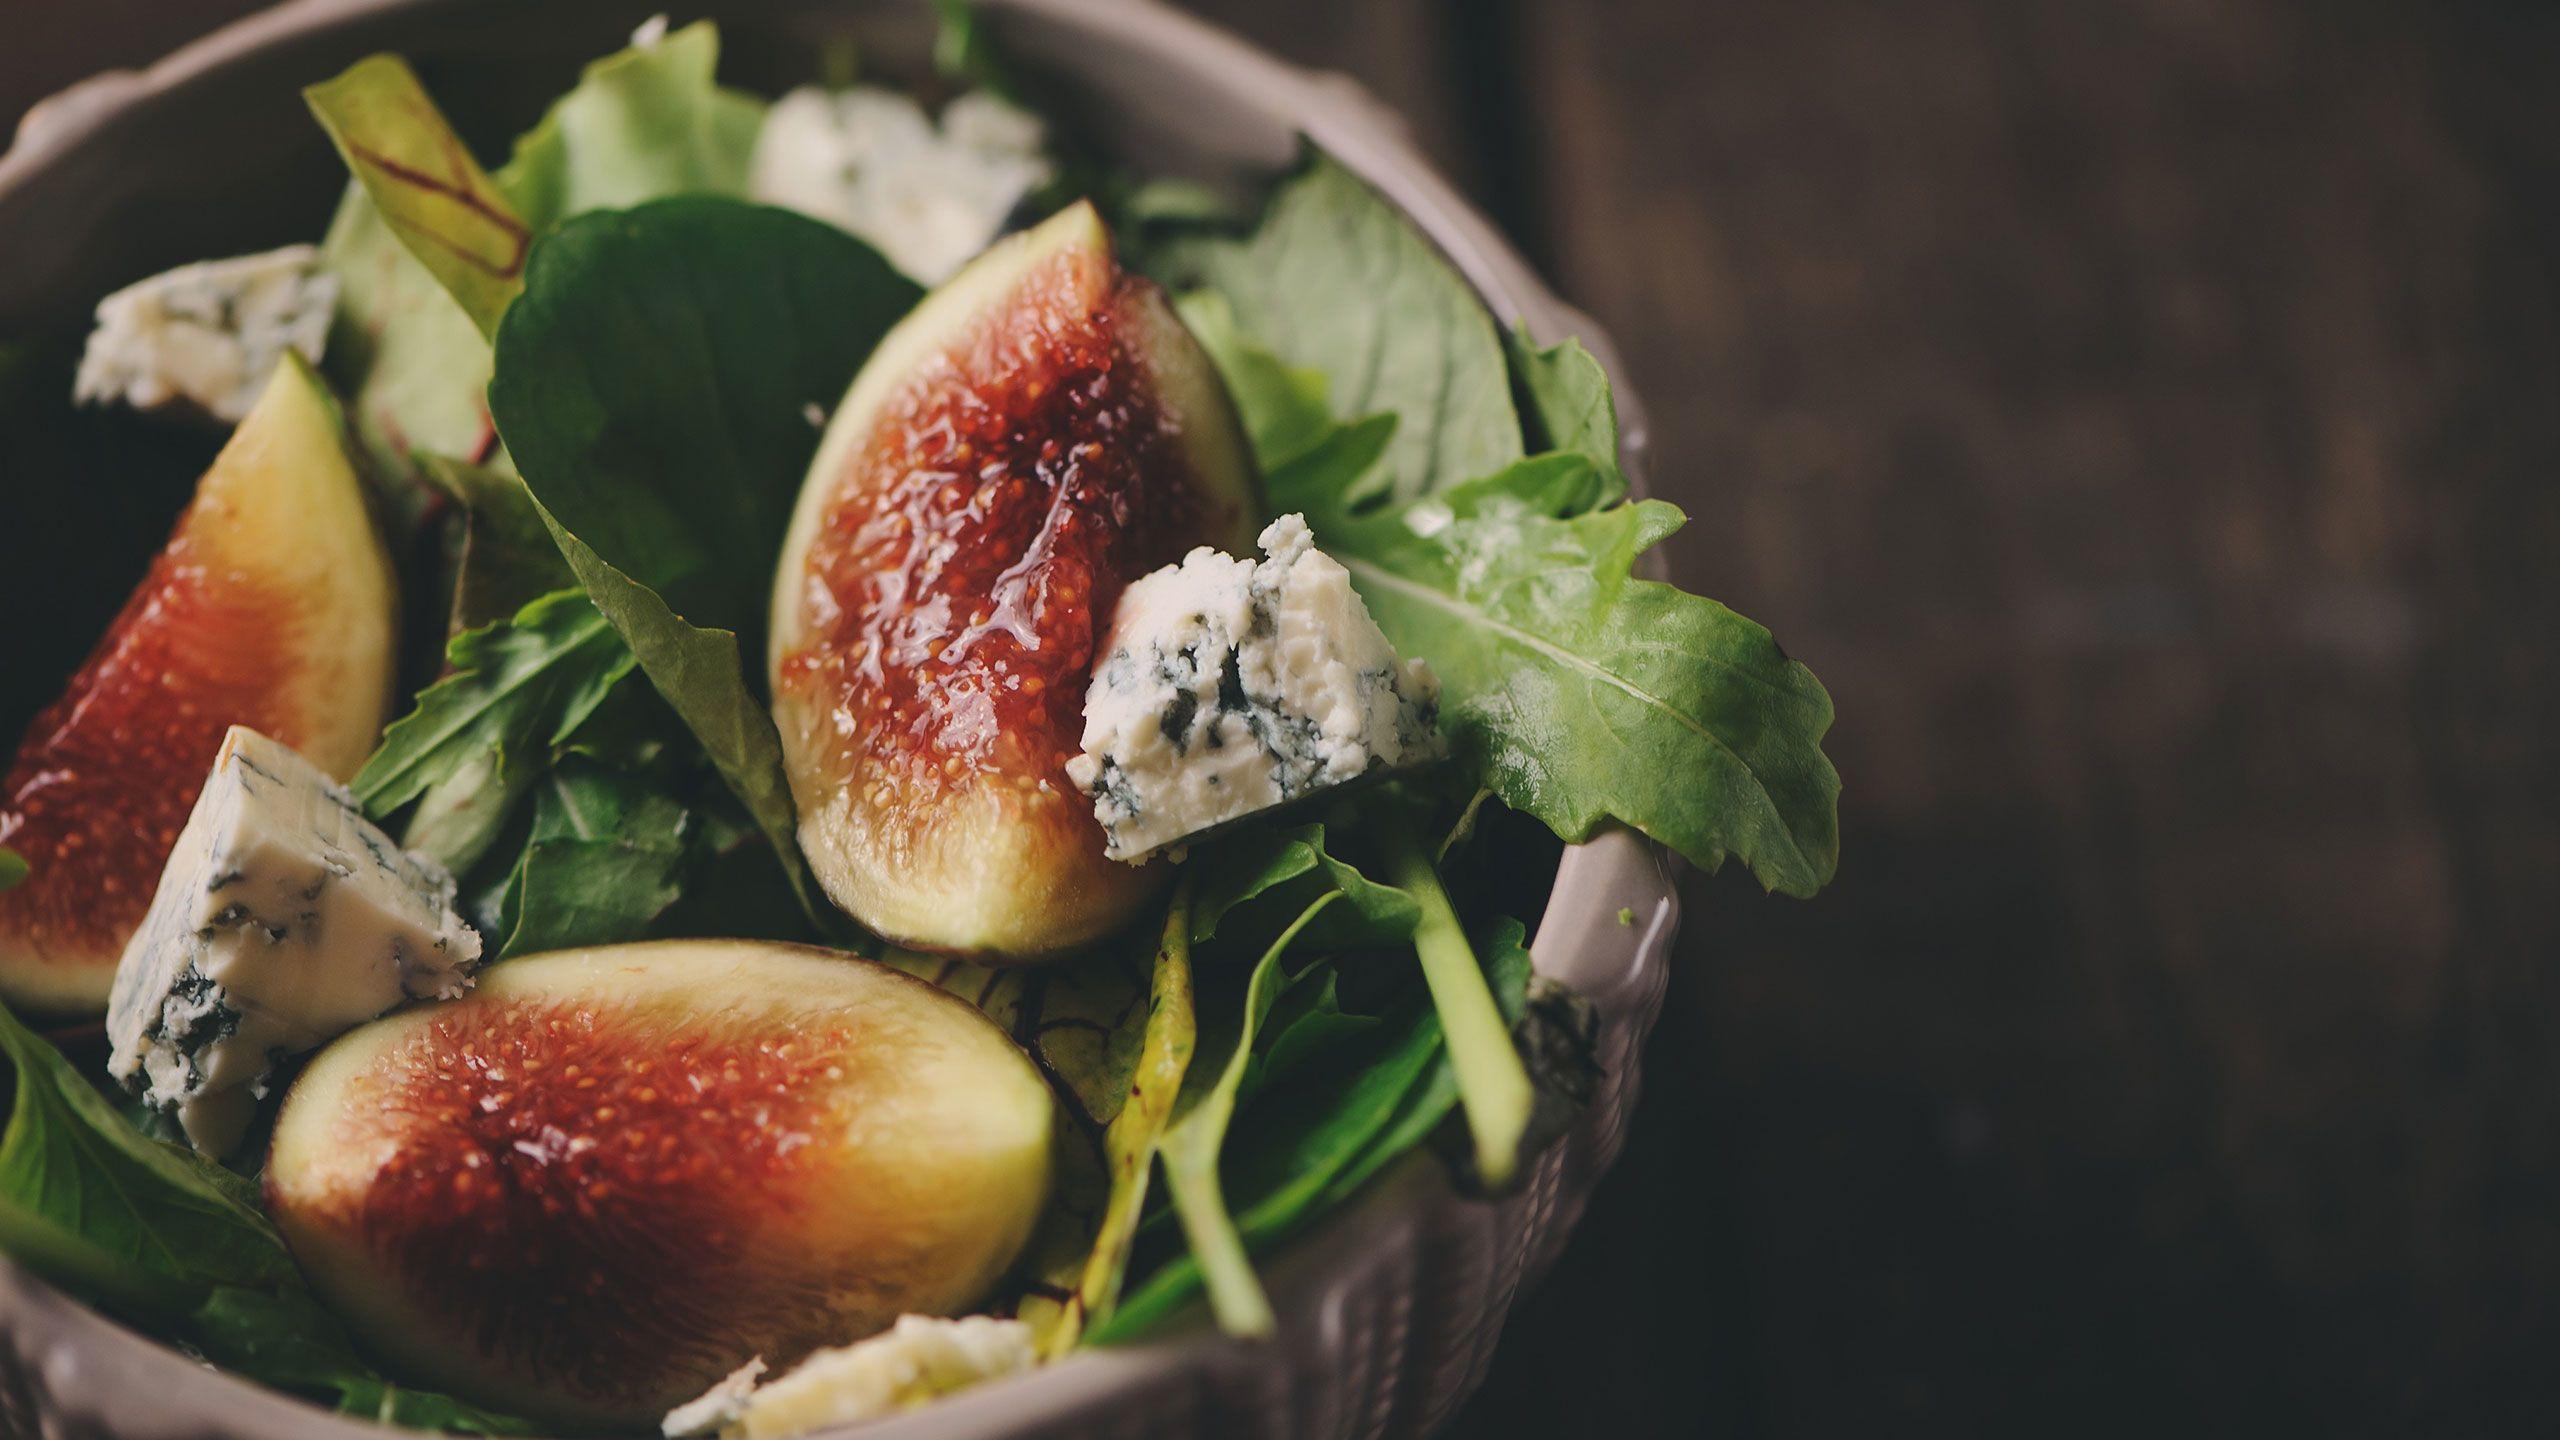 7 Warm Salad Recipes Under 500 Calories